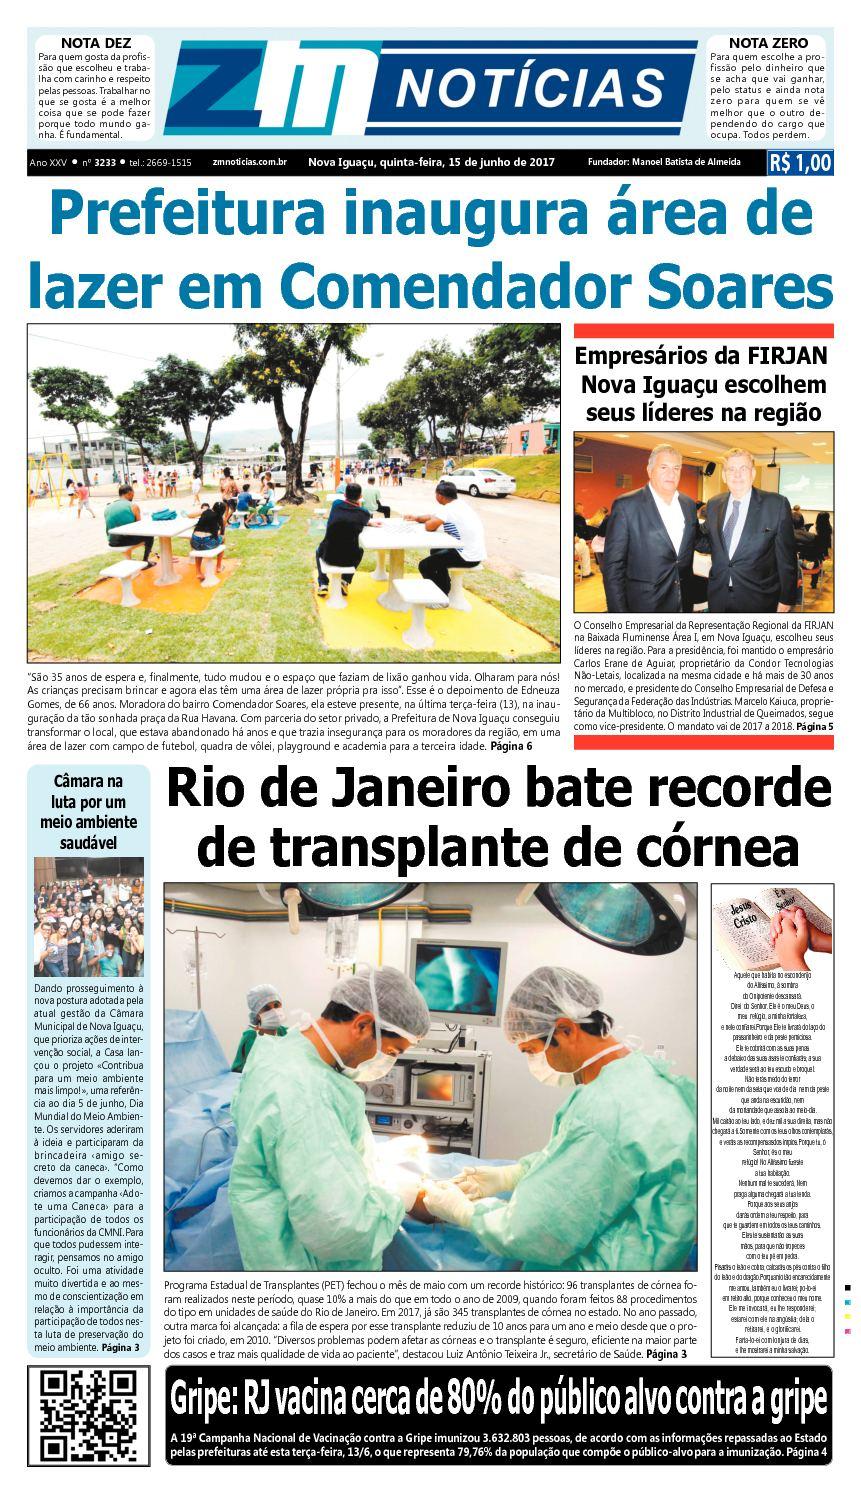 ZM Noticias - Edição 150617